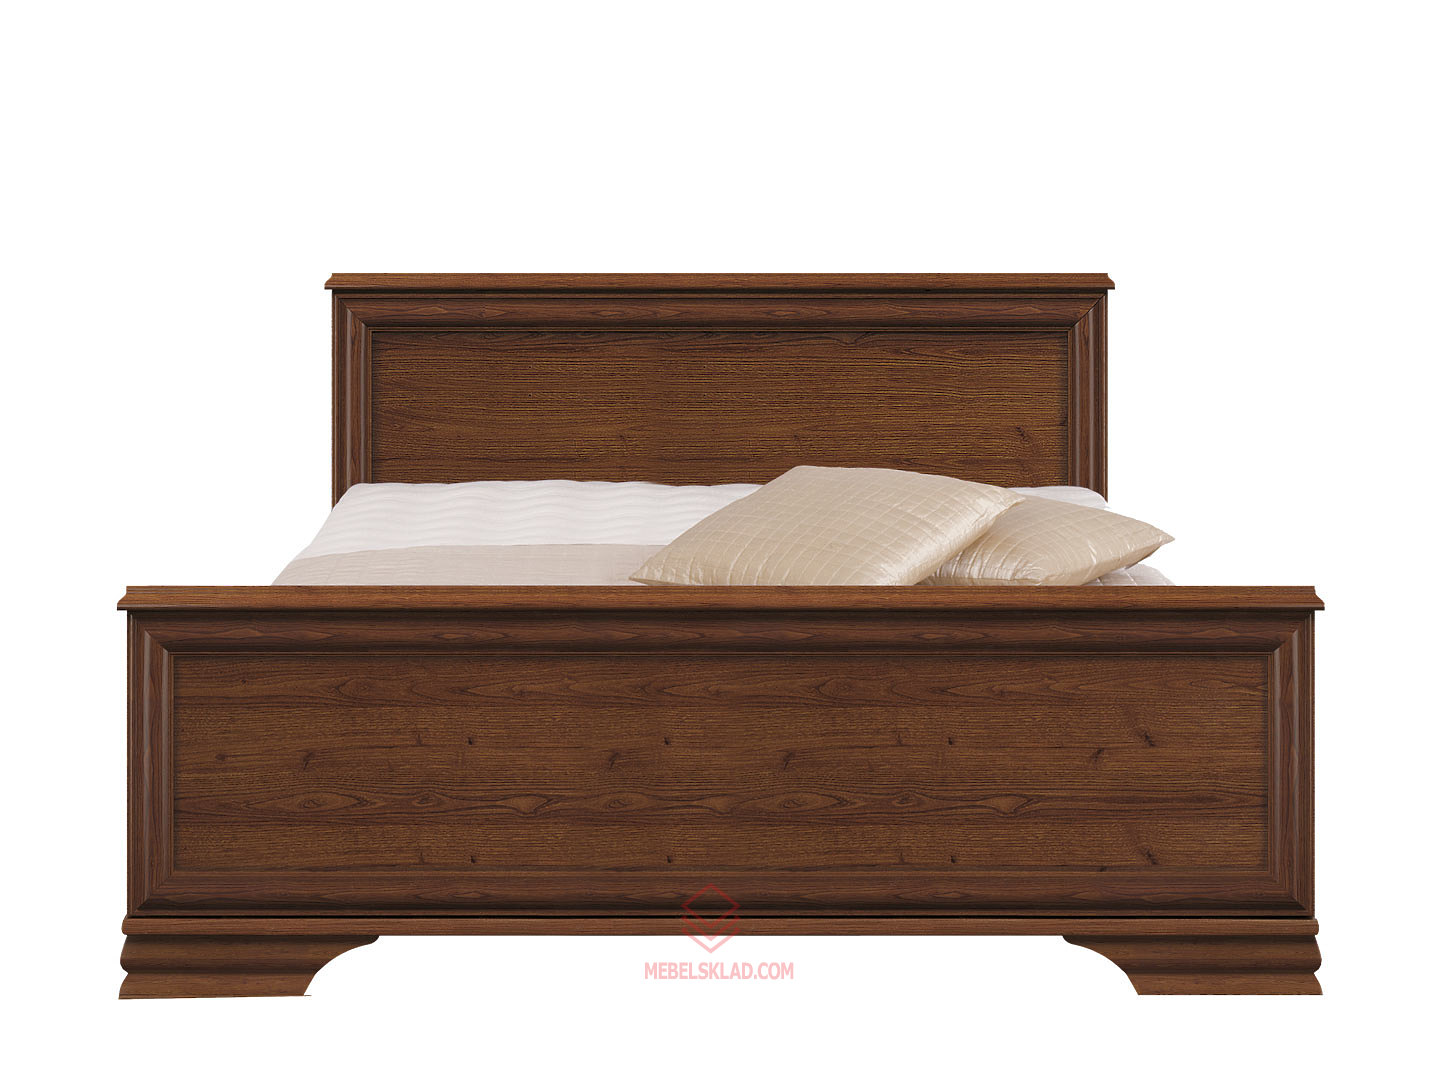 Кровать LOZ140x200 каштан KENTAKI с основанием БРВ